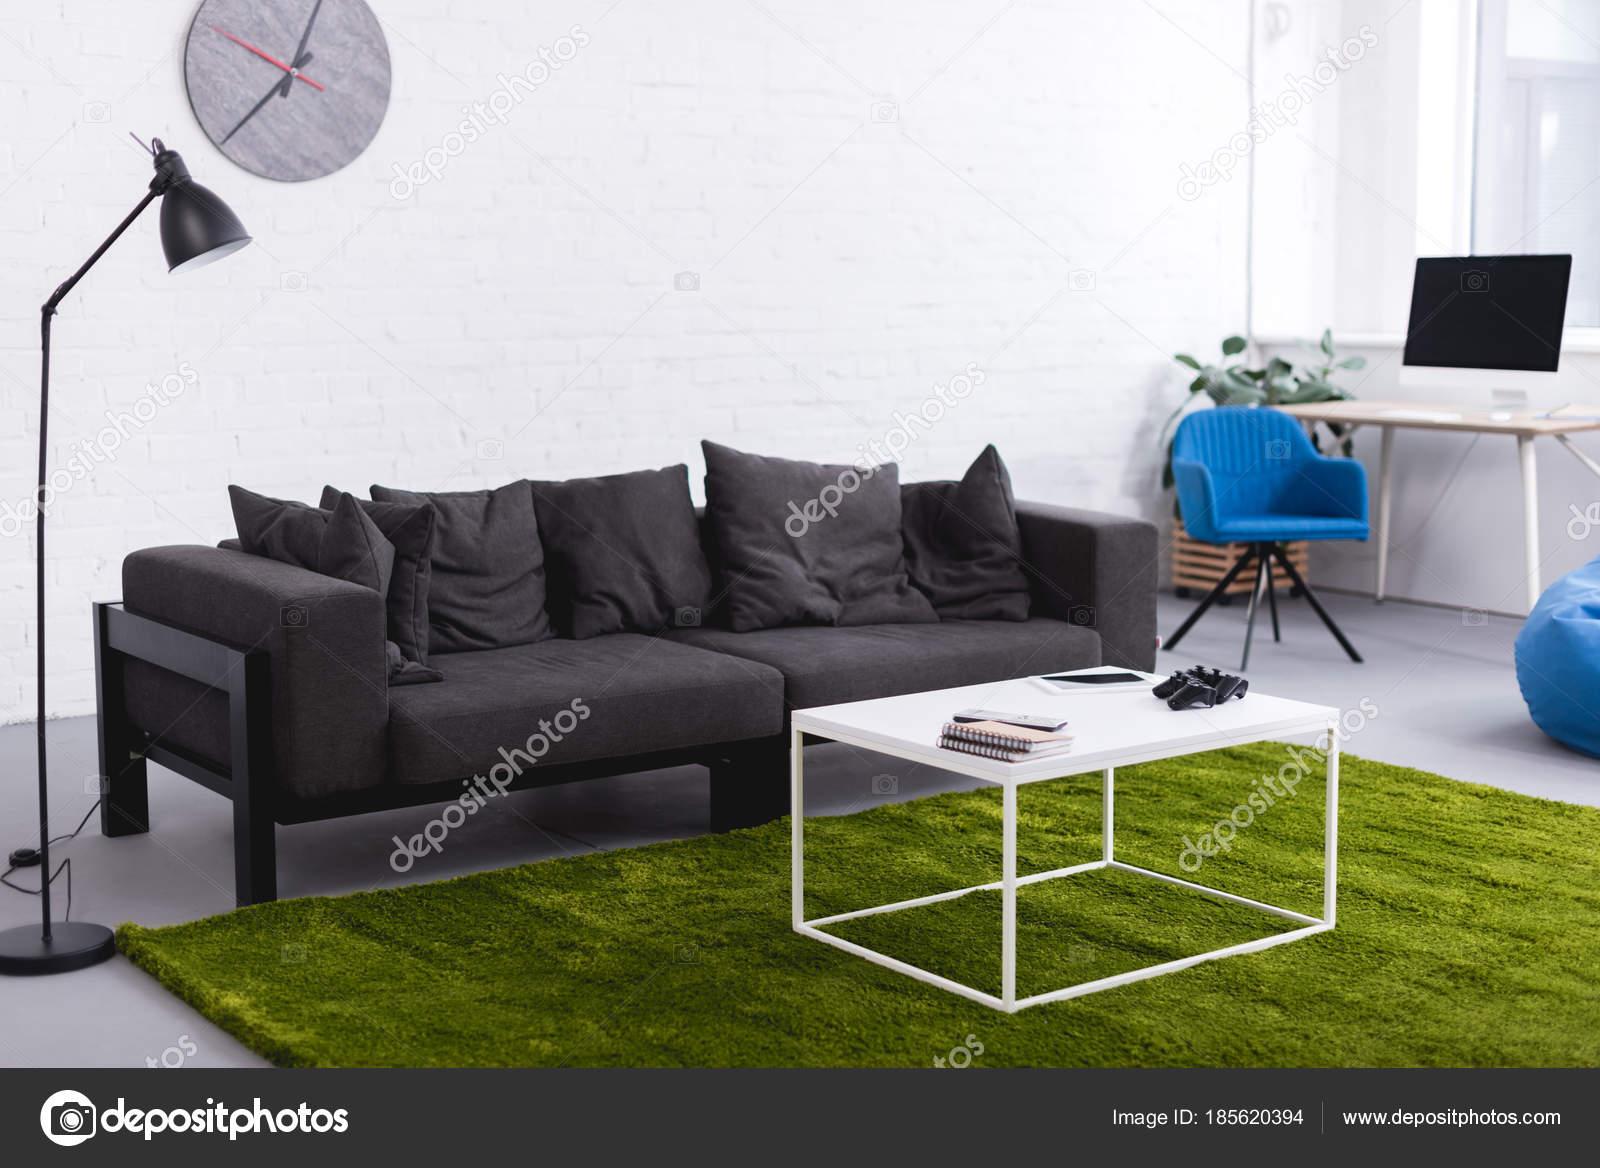 Tappeto Salotto Verde : Sofà grigio tappeto verde con tavoli nel salotto u2014 foto stock